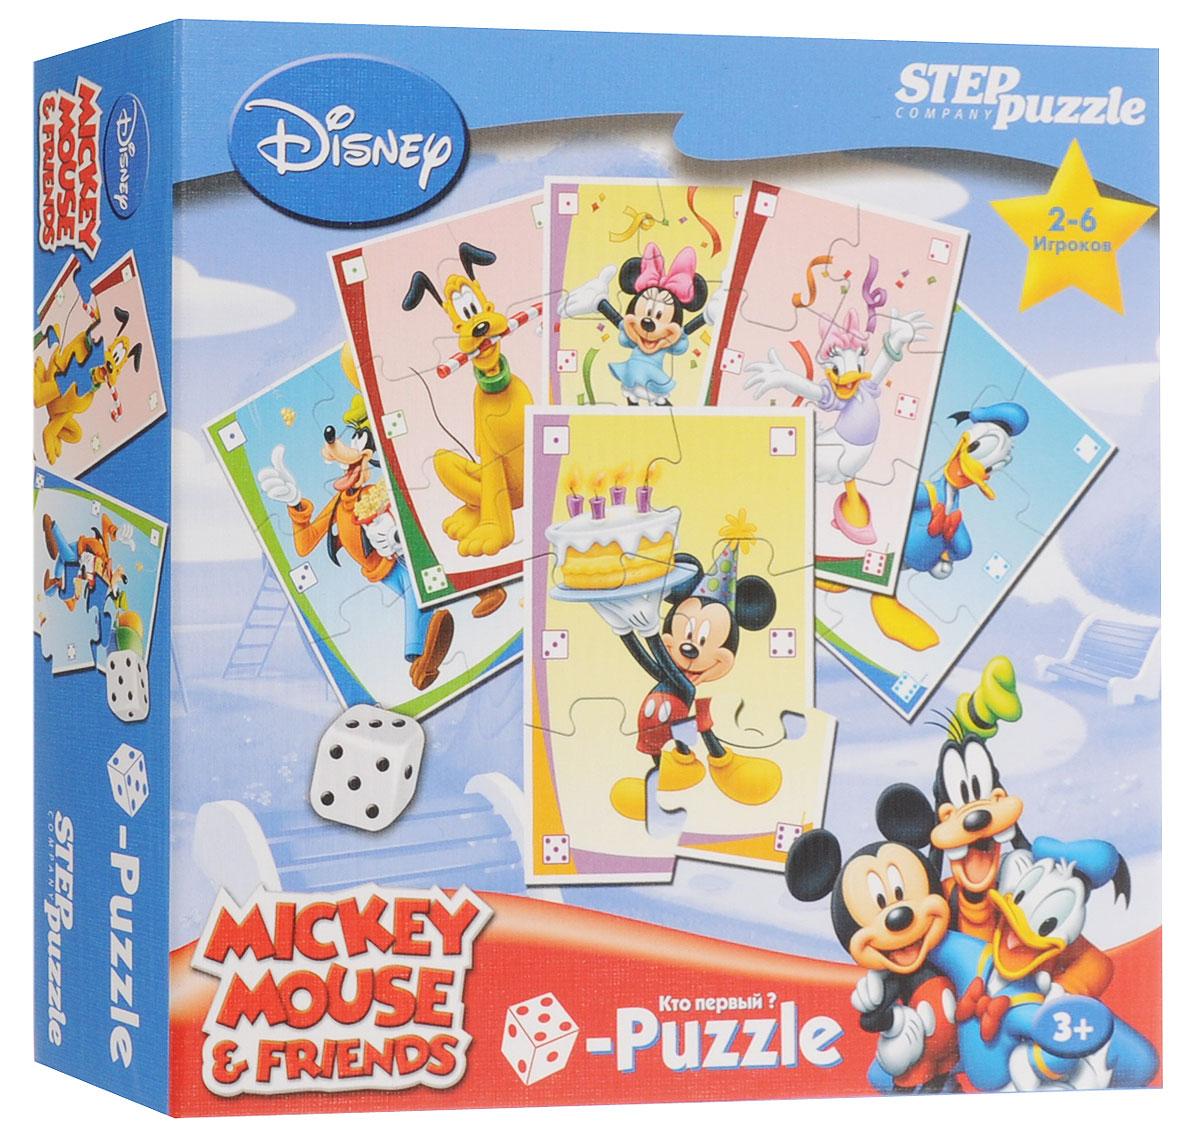 Step Puzzle Пазл для малышей Микки Маус87201Пазл для малышей Step Puzzle Микки Маус создан по со знаменитому мультгерою Микки Маусу. Собрав этот пазл, состоящий из 38 элементов, вы получите картинку с изображением любимых героев. Пазл - великолепная игра для семейного досуга. Сегодня собирание пазлов стало особенно популярным, главным образом, благодаря своей многообразной тематике, способной удовлетворить самый взыскательный вкус. Для детей это не только интересно, но и полезно. Собирание пазла развивает мелкую моторику ребенка, тренирует наблюдательность, логическое мышление, знакомит с окружающим миром, с цветом и разнообразными формами.